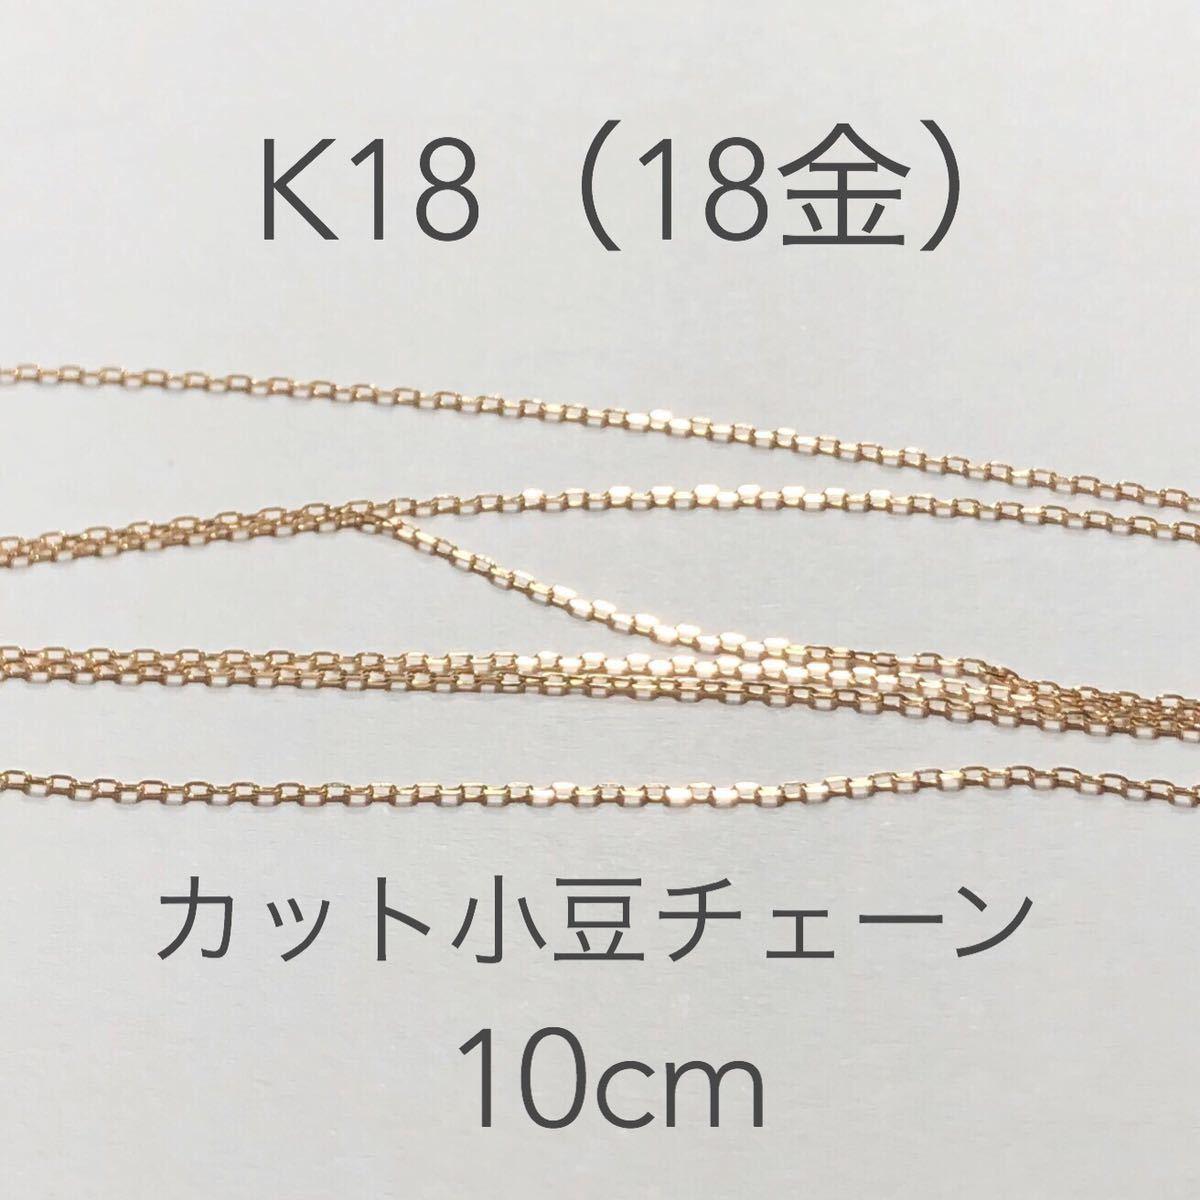 18金 カット小豆チェーン カット売り 10cm 日本製 ハンドメイドアクセサリー 素材 K18 カットアズキチェーン 18K カット販売 あずき